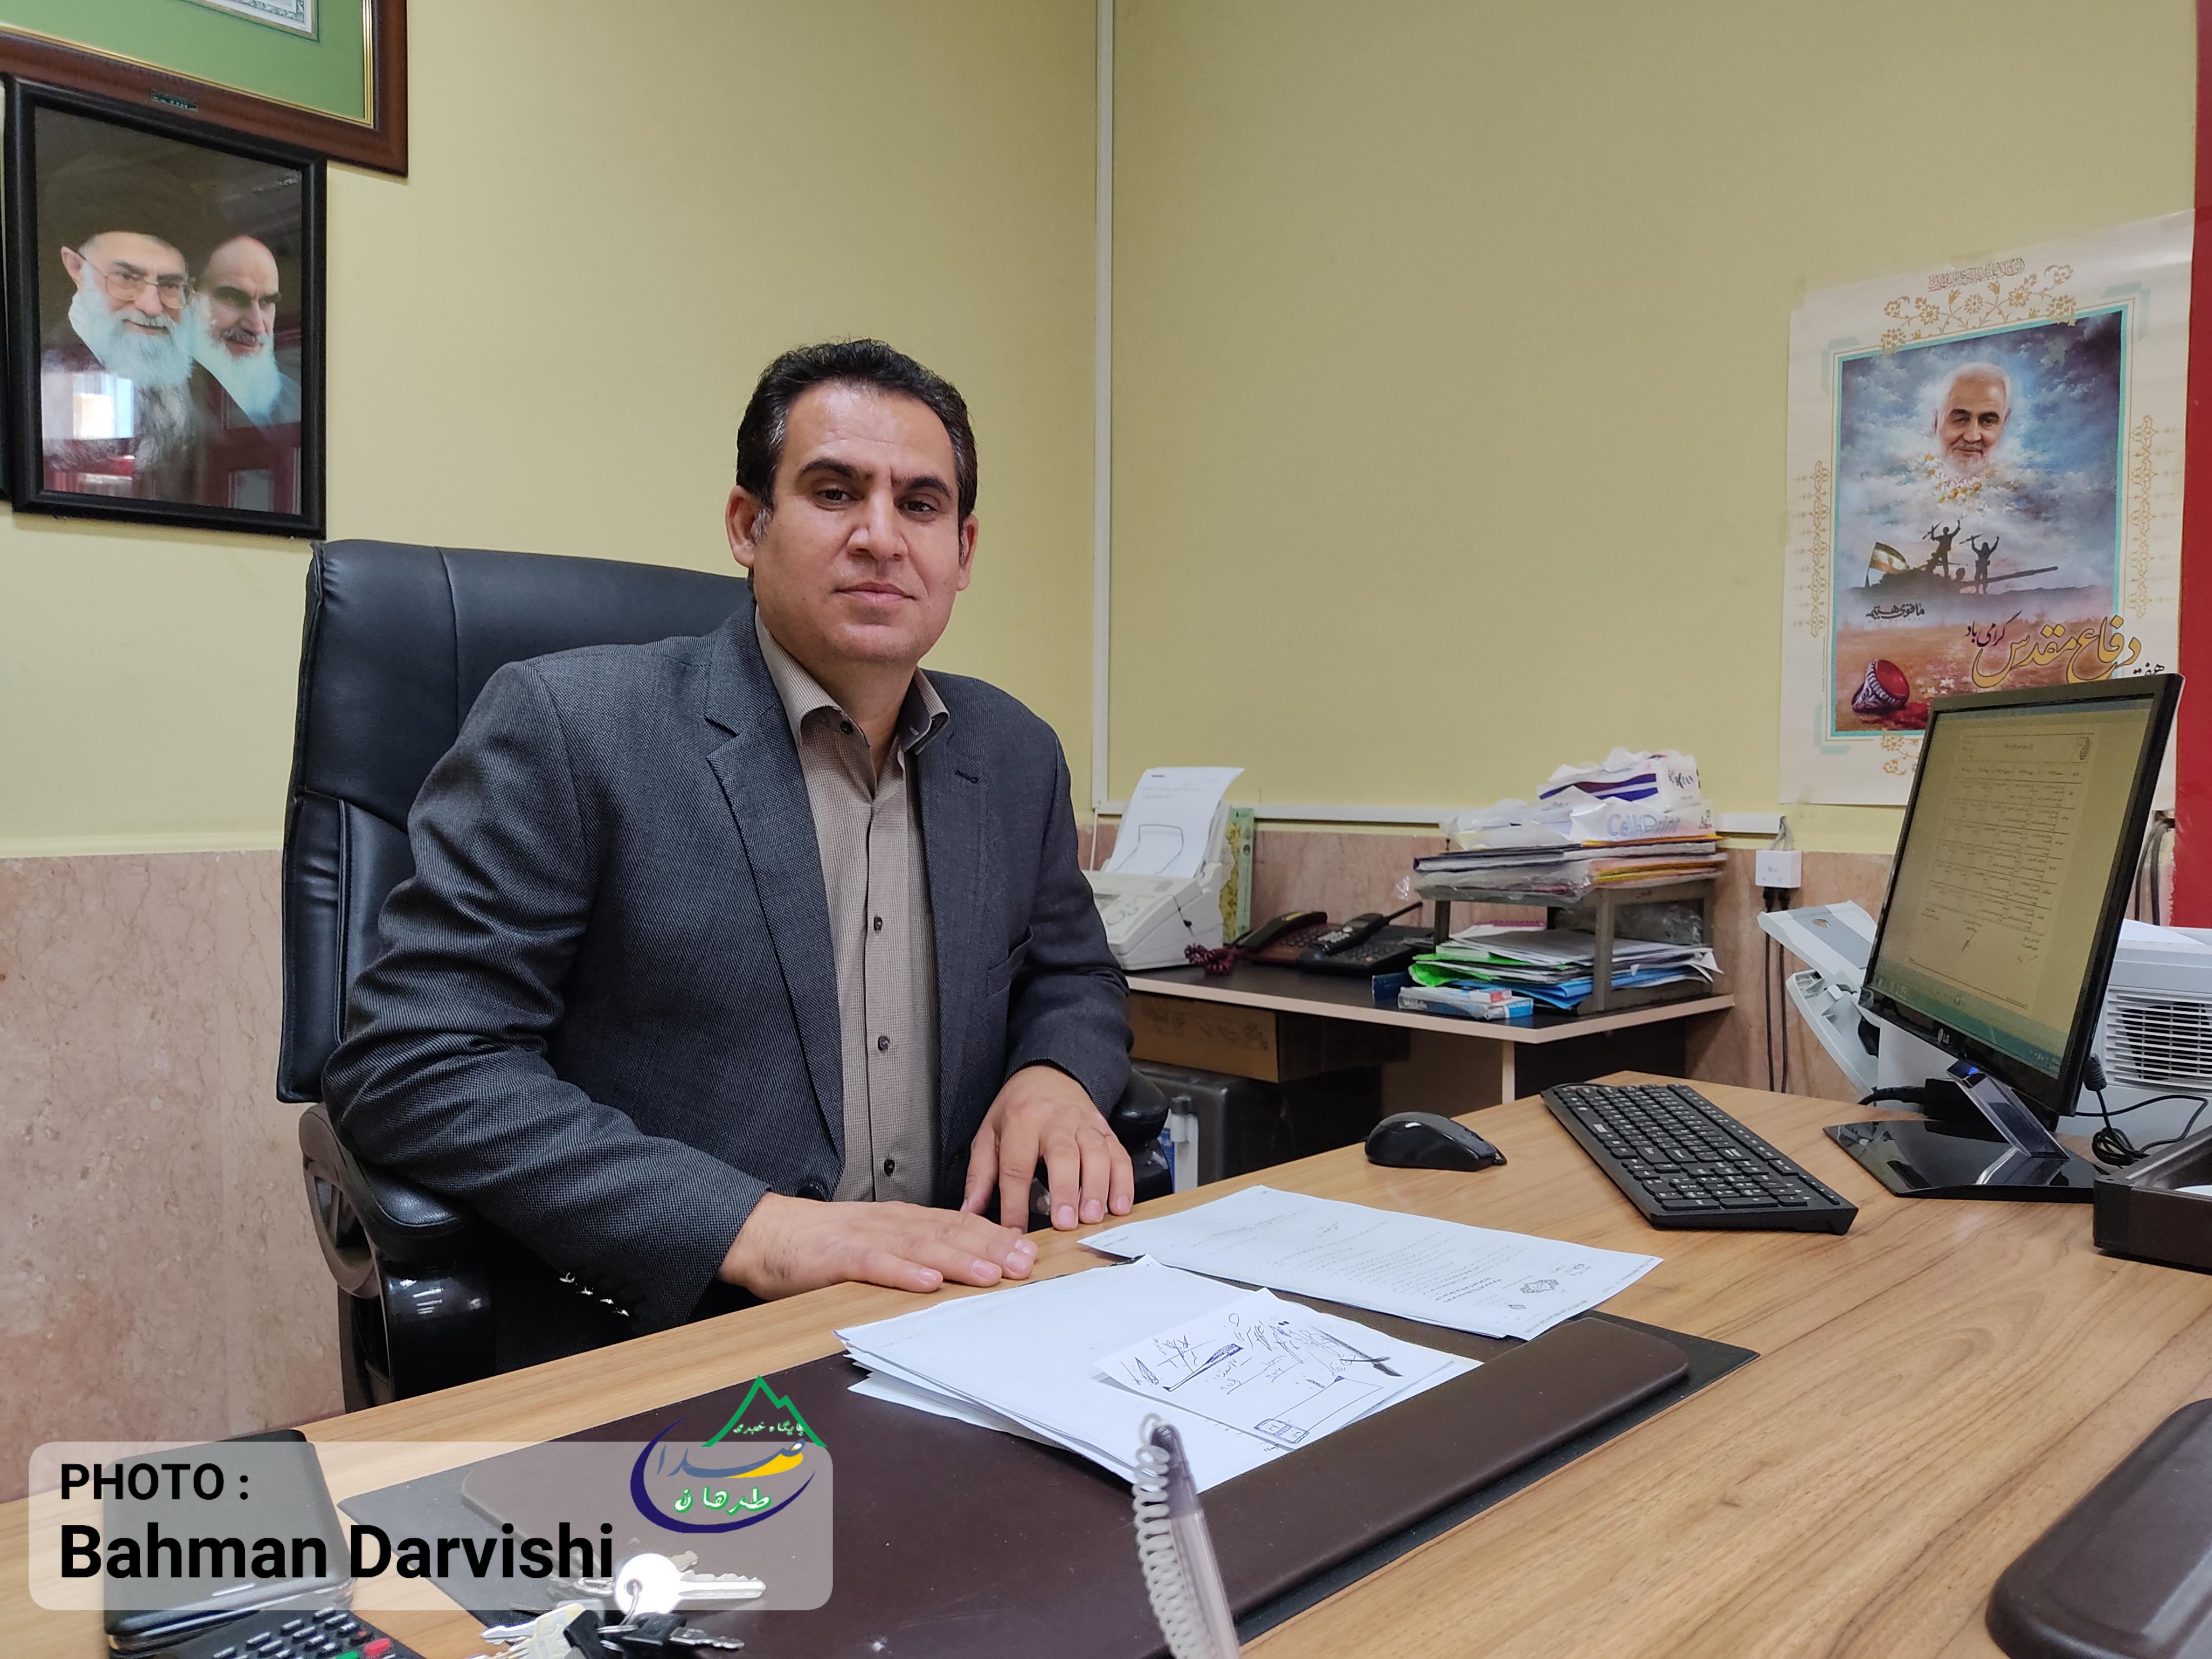 مسئول کمیته تدوین و نشر و کمیته ارتباطات ستاد کنگره شهدای شهرستان کوهدشت منصوب شد.